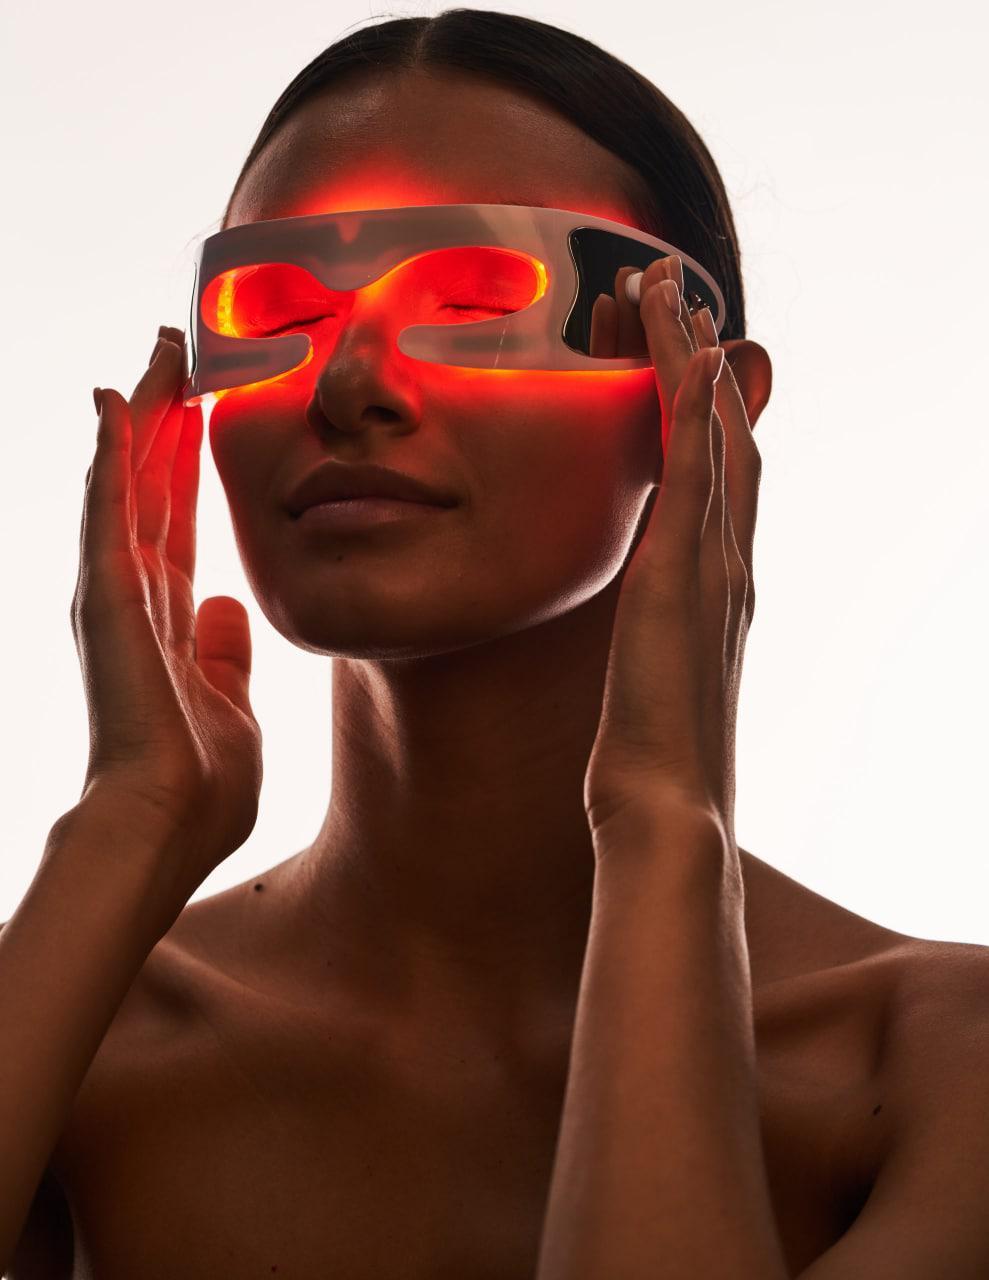 Топ 5 розумних б'юті-гаджетів, які змінять ваше обличчя-Фото 4